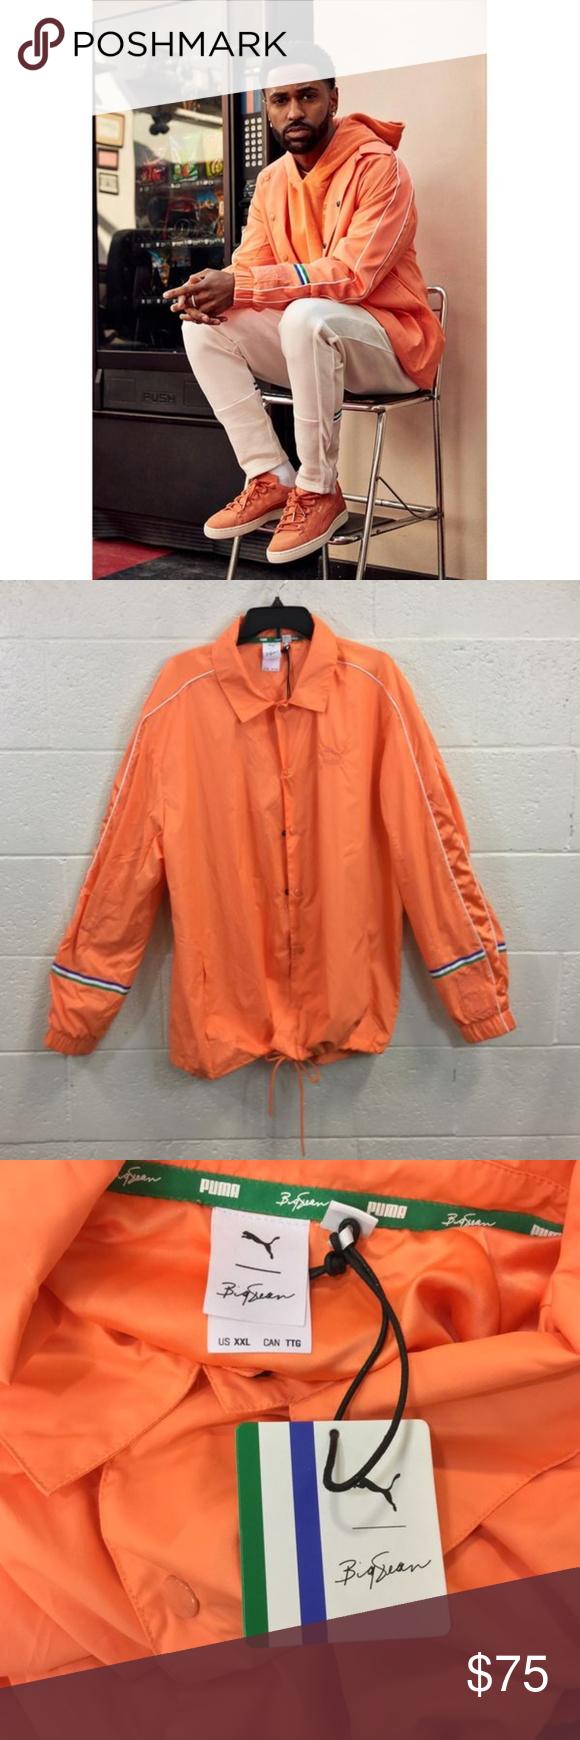 Nwt Big Sean X Puma Jacket Jacket Brands Clothes Design Jackets [ 1740 x 580 Pixel ]